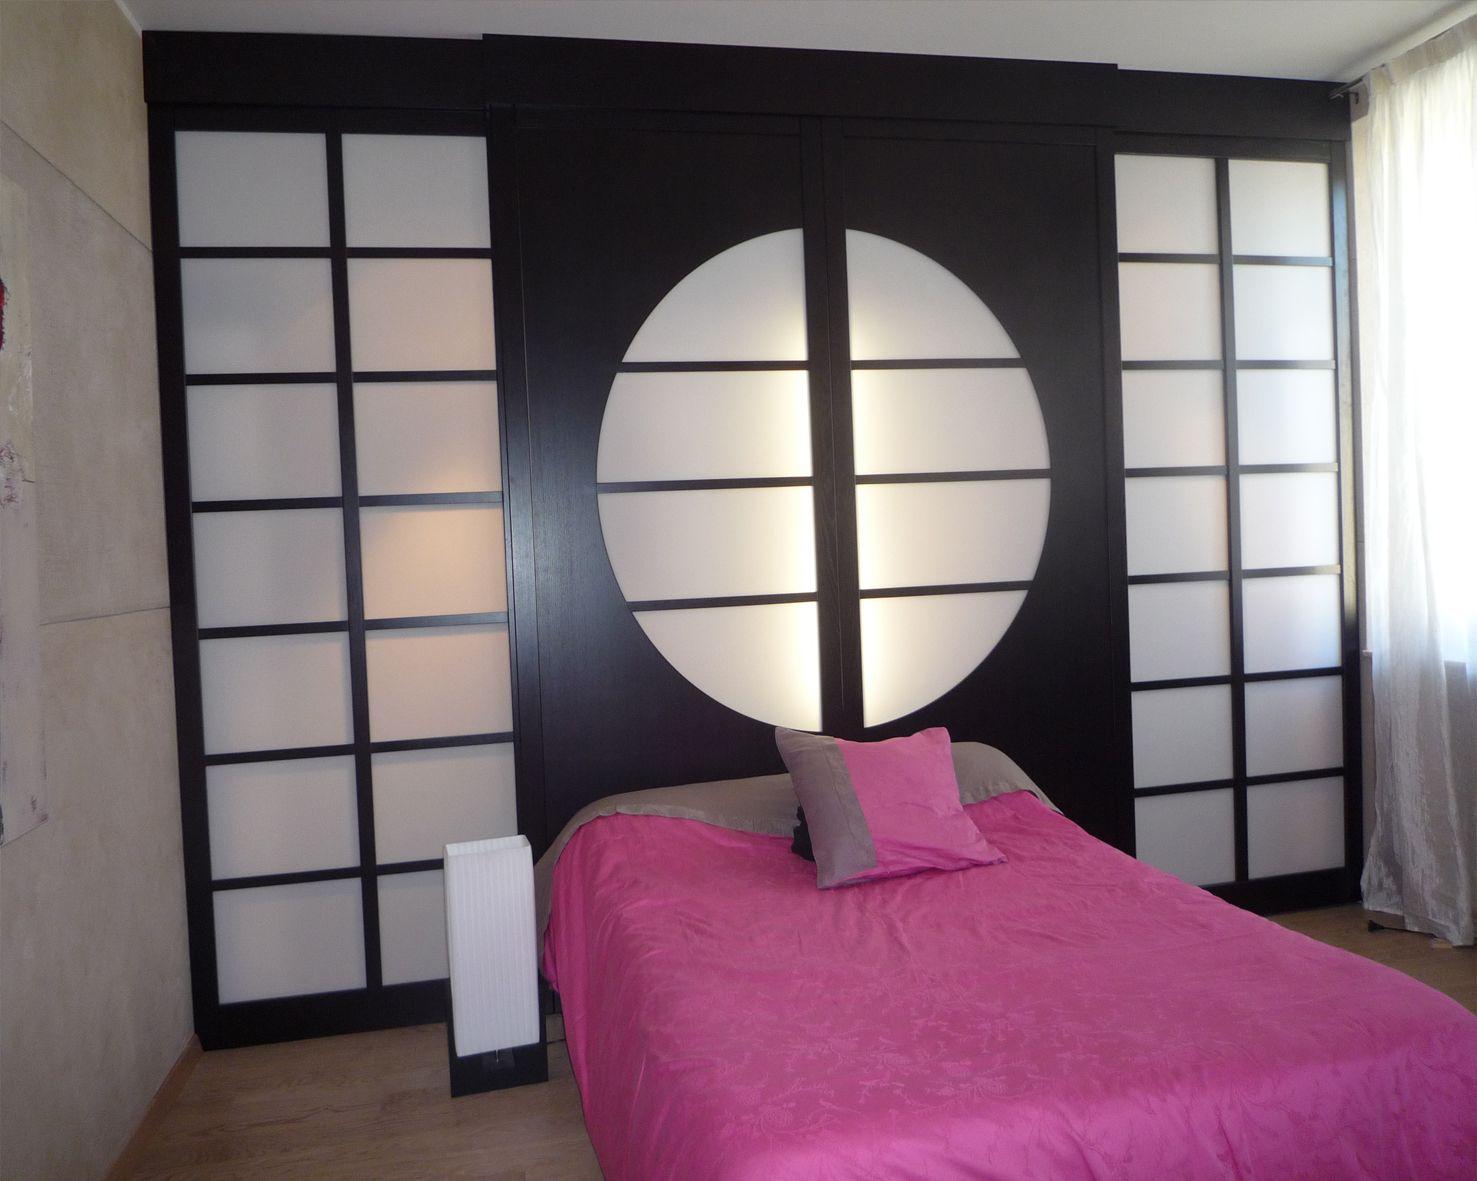 pourquoi choisir des cloisons cloison pinterest cloisons cloison japonaise et mettre en. Black Bedroom Furniture Sets. Home Design Ideas